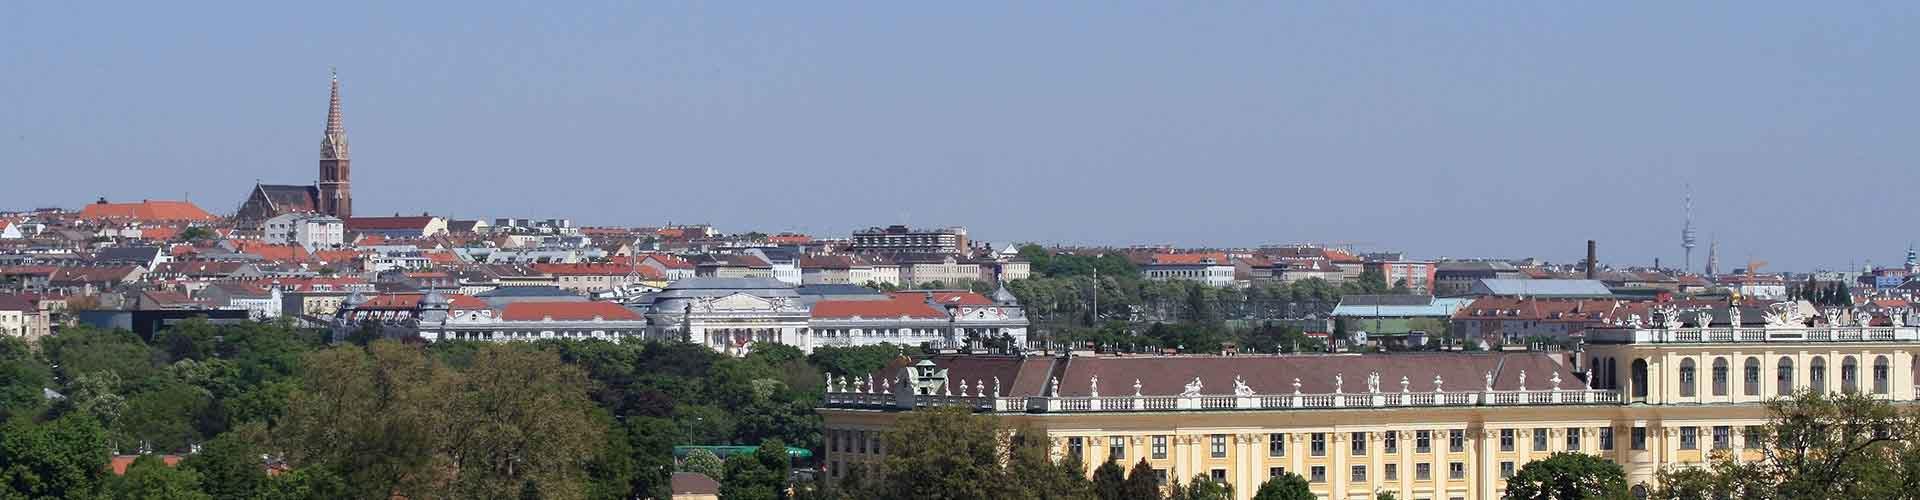 비엔나 - Rudolfsheim-Fuenfhaus지역에 위치한 아파트. 비엔나의 지도, 비엔나에 위치한 아파트에 대한 사진 및 리뷰.